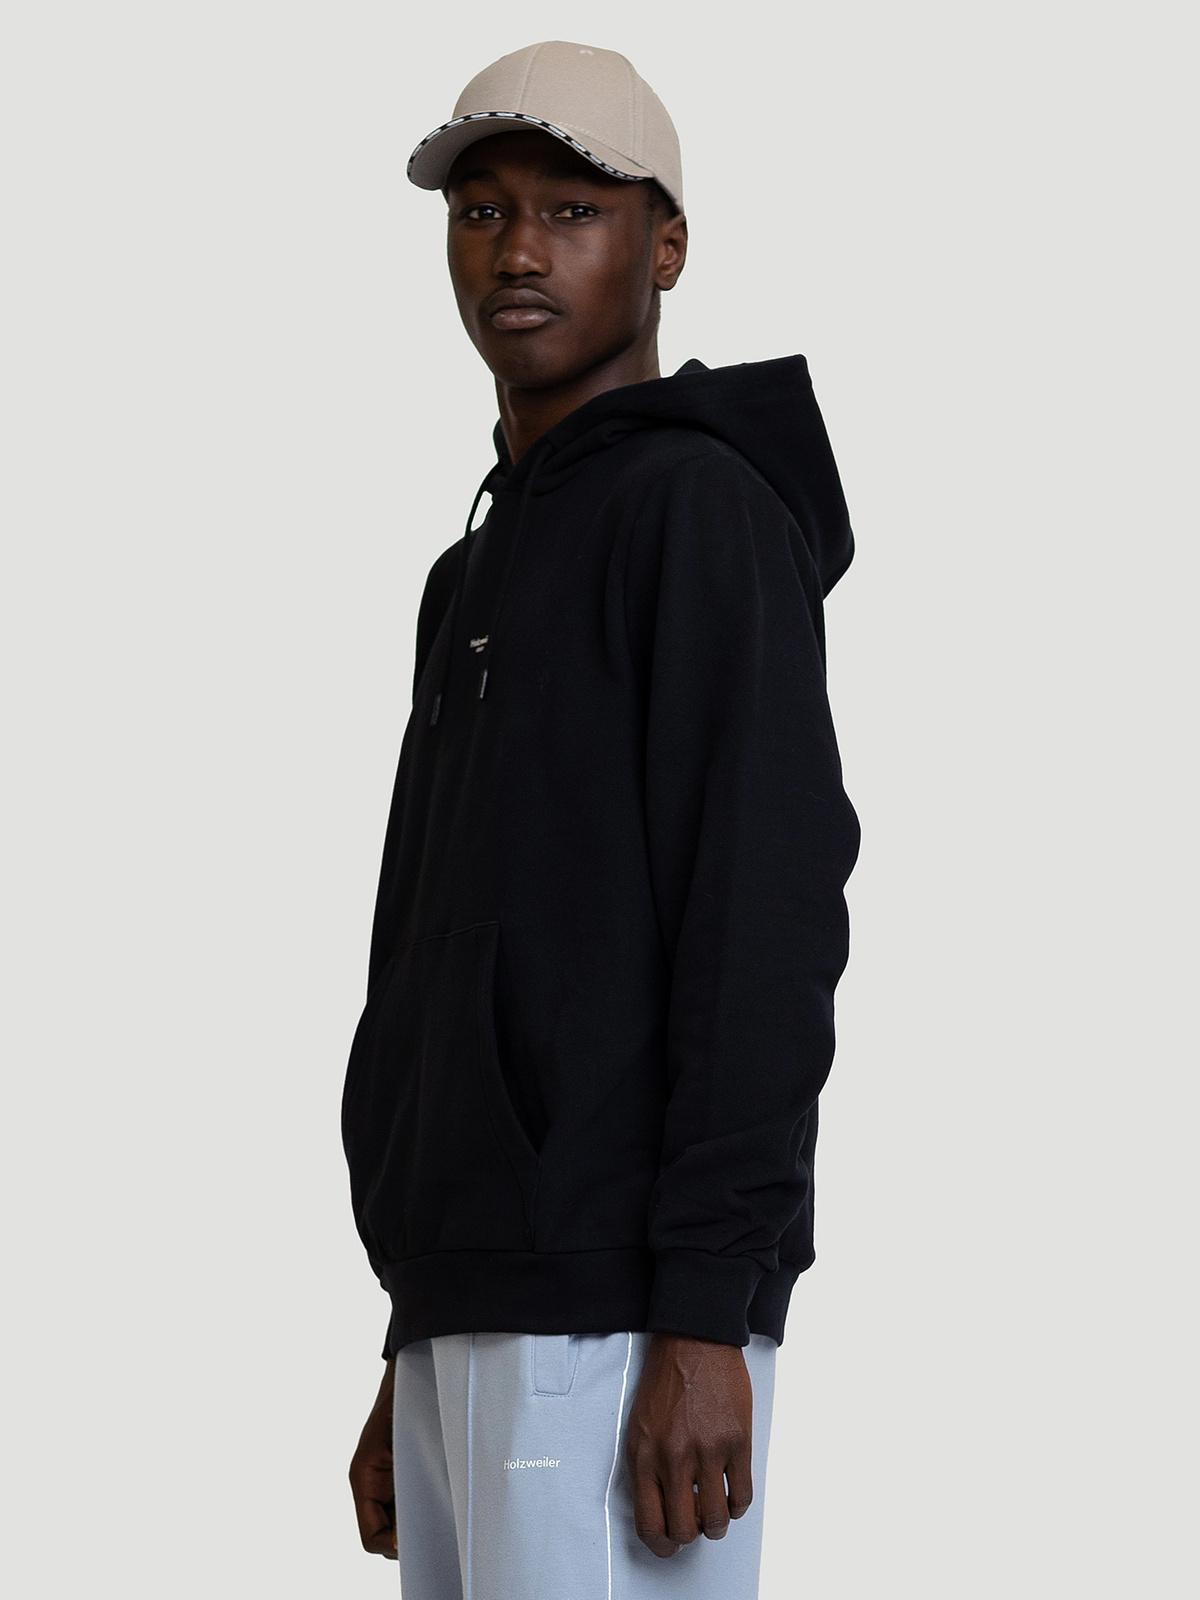 M. Oslo Hoodie Black 3